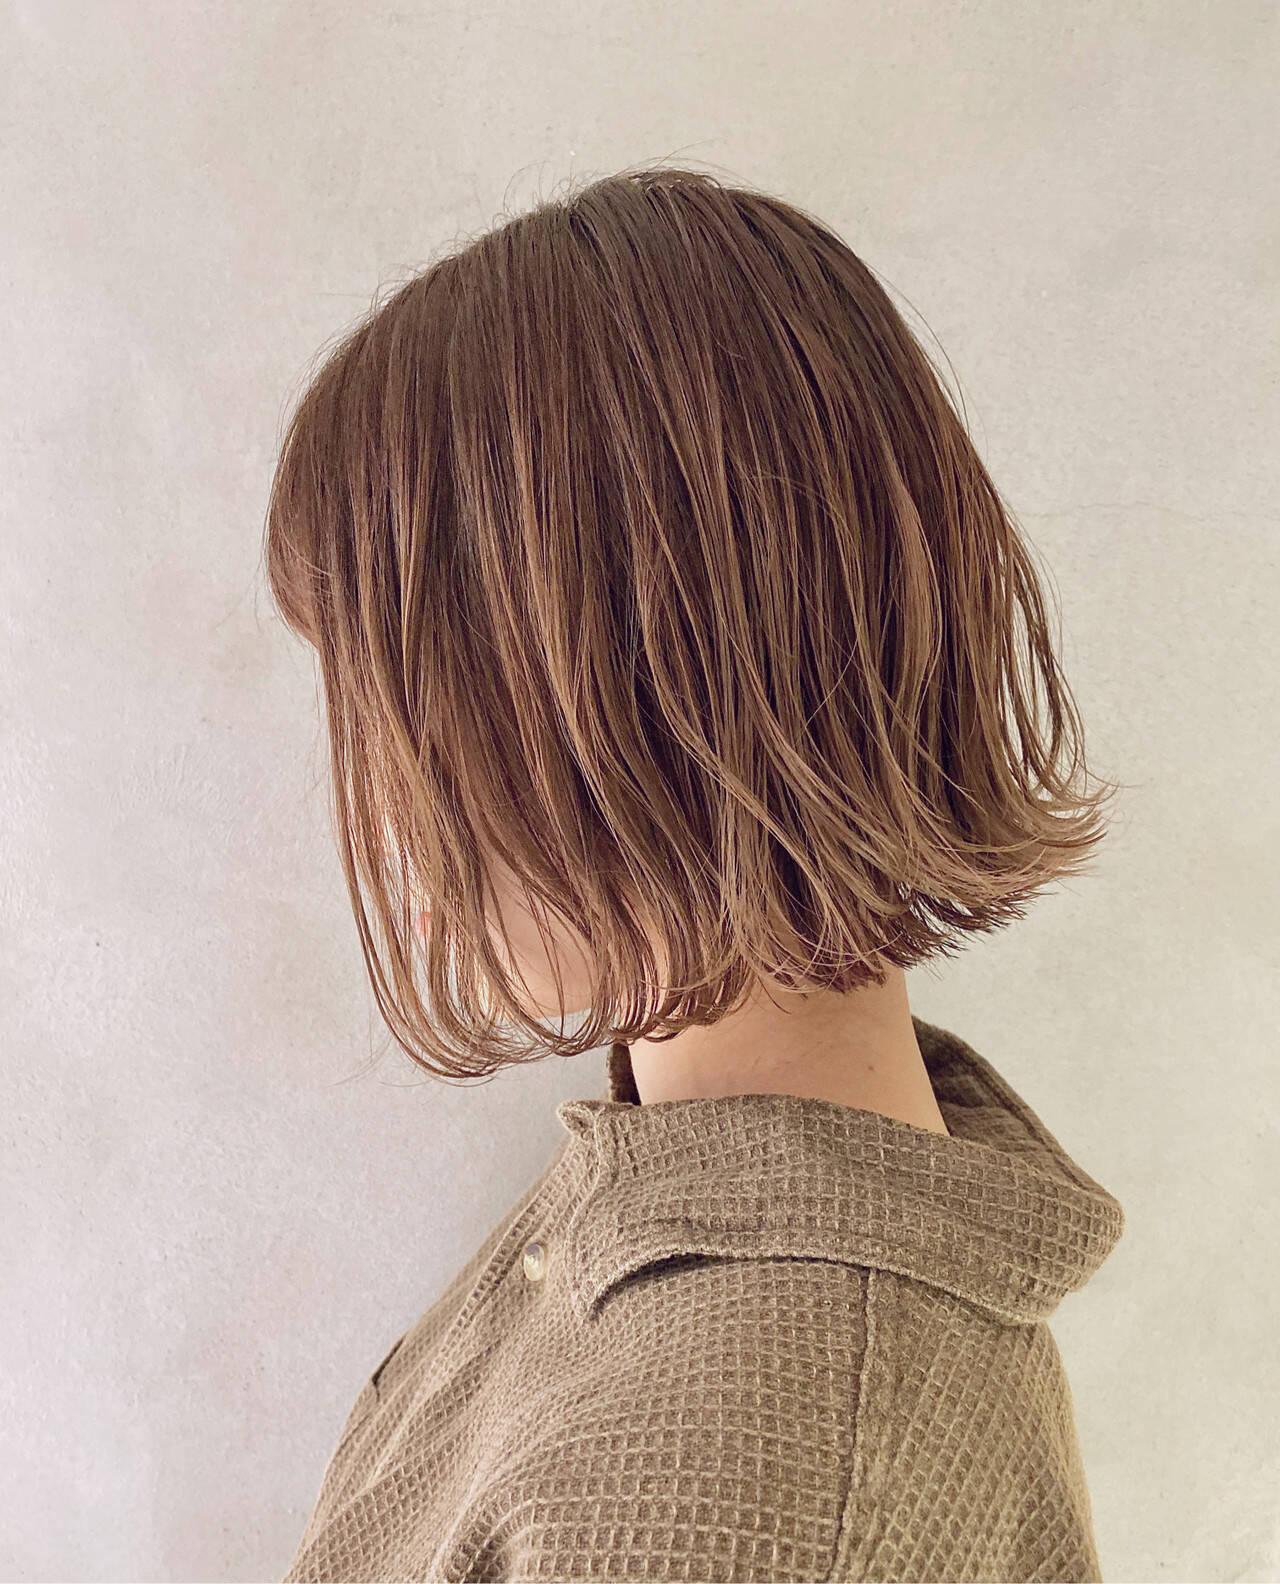 ベージュ 切りっぱなしボブ ナチュラル ミルクティーベージュヘアスタイルや髪型の写真・画像